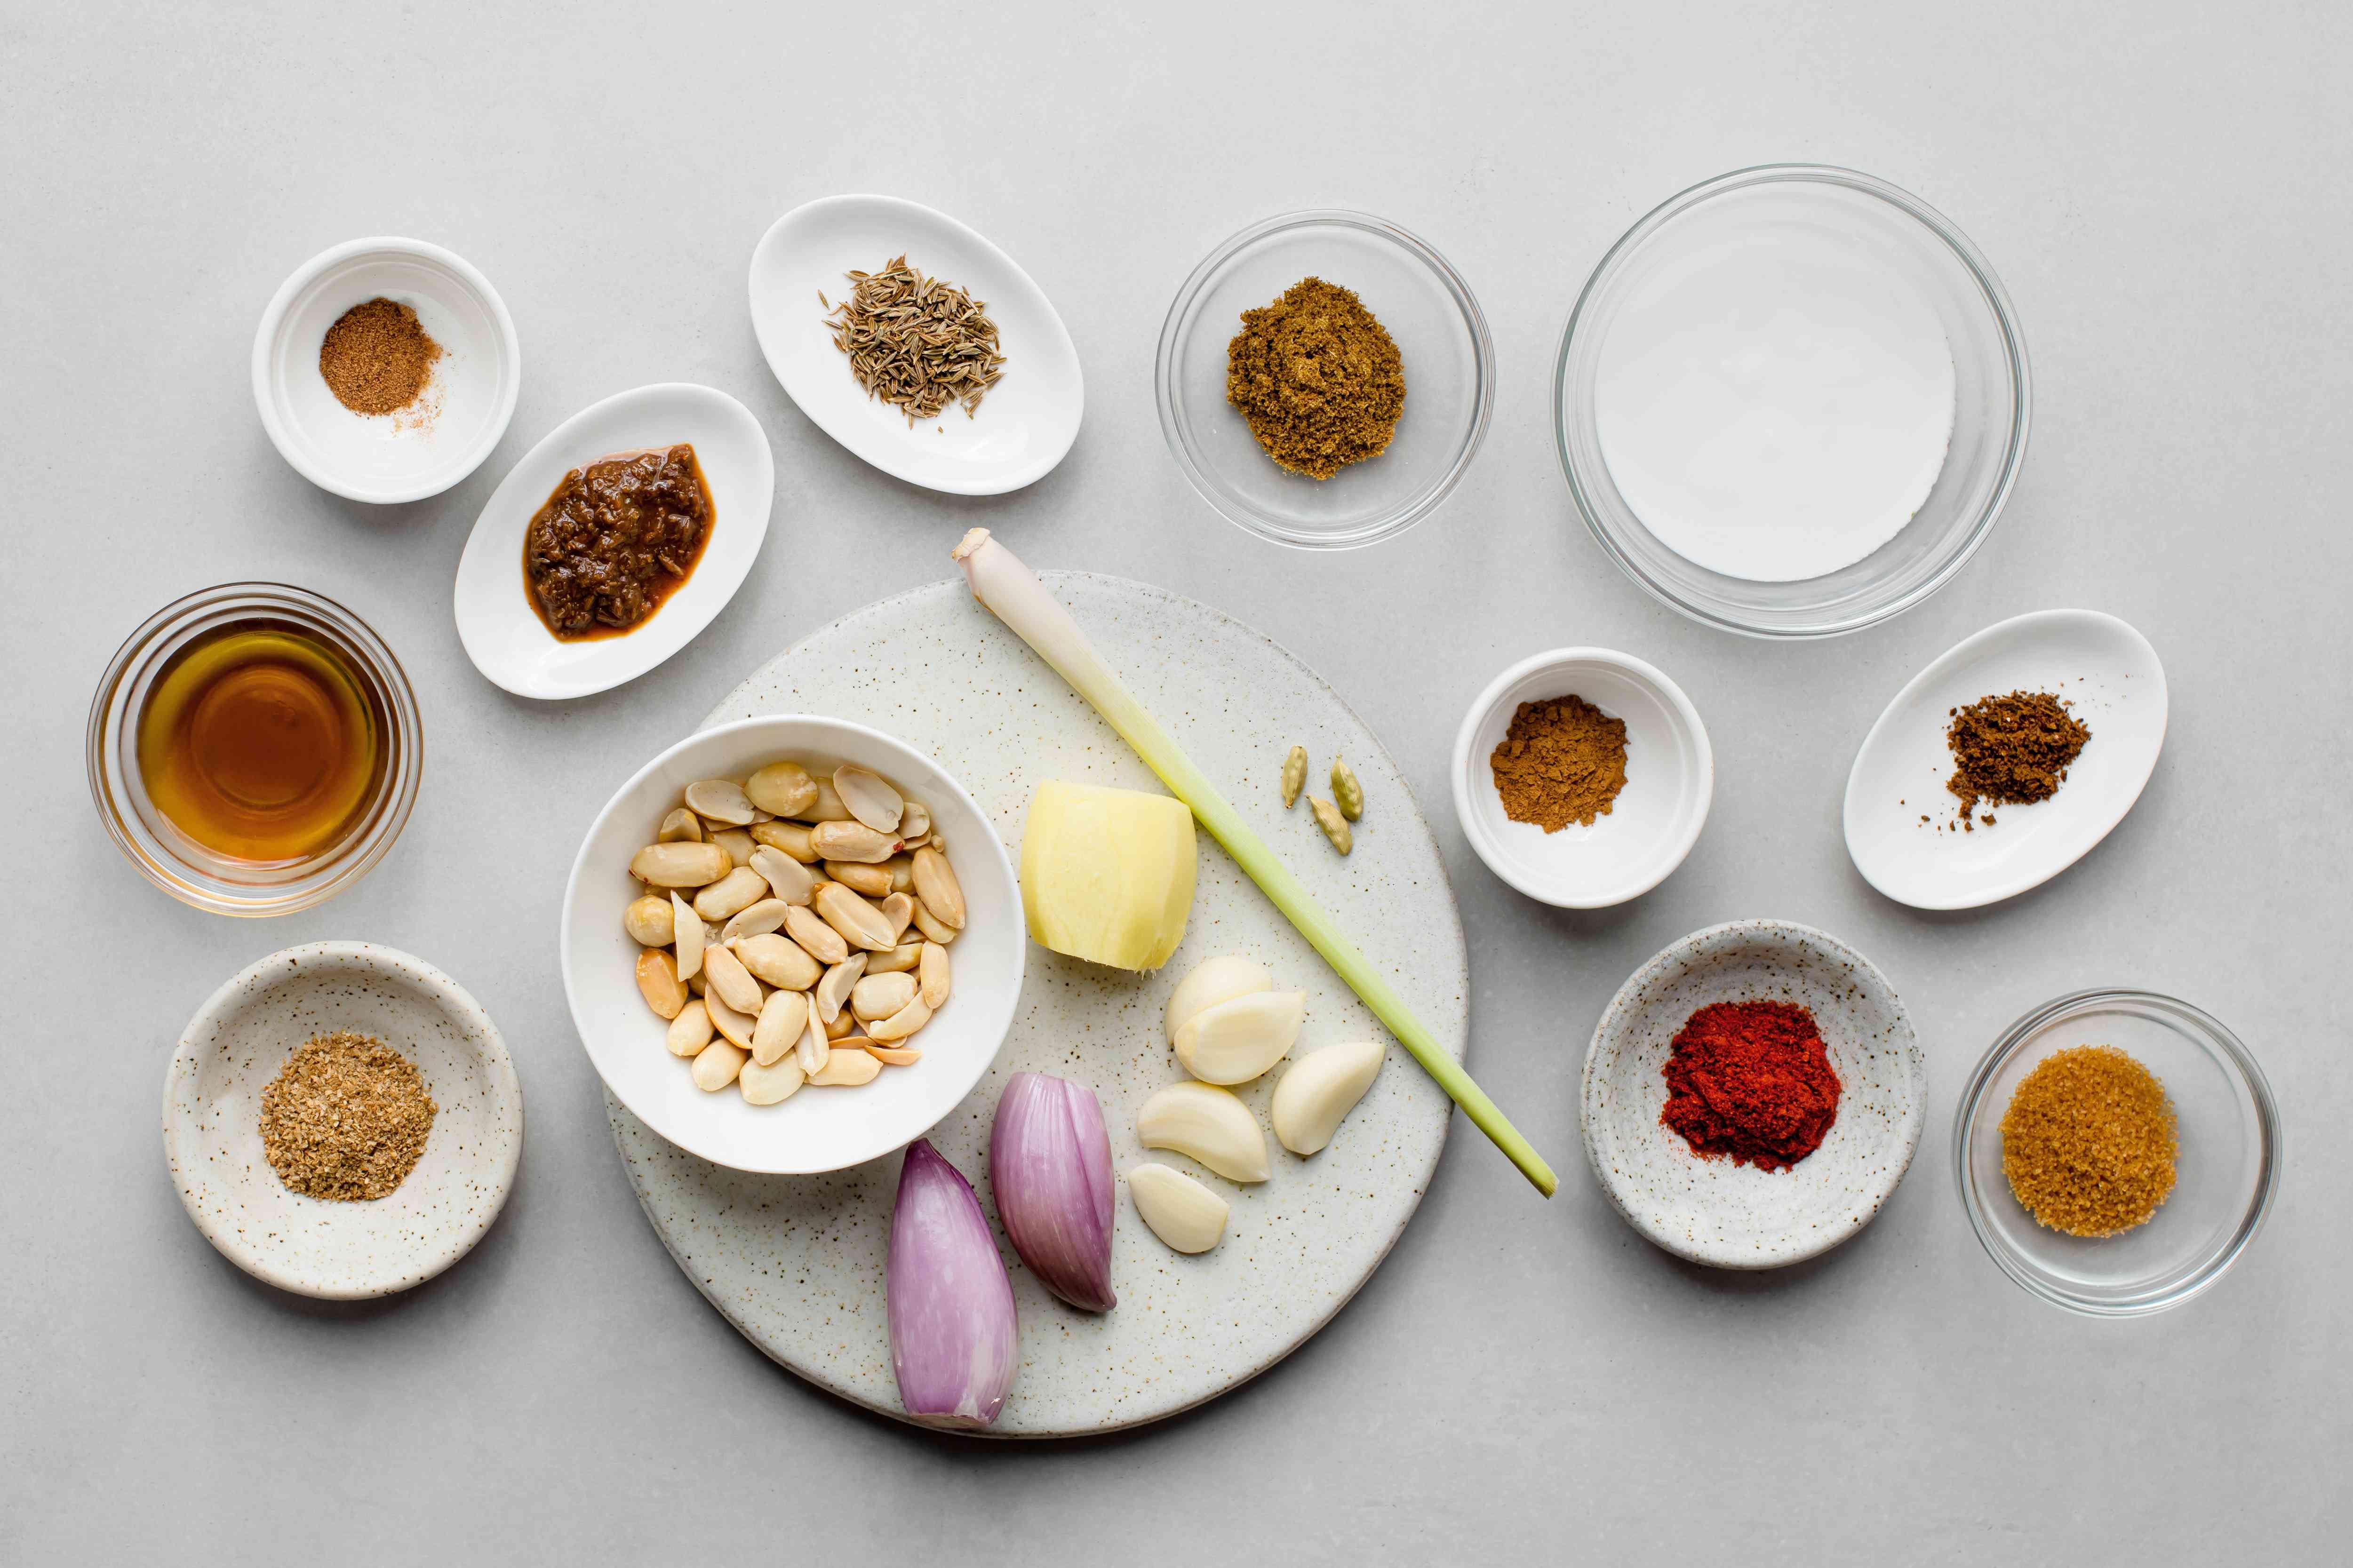 Thai massaman curry paste ingredients